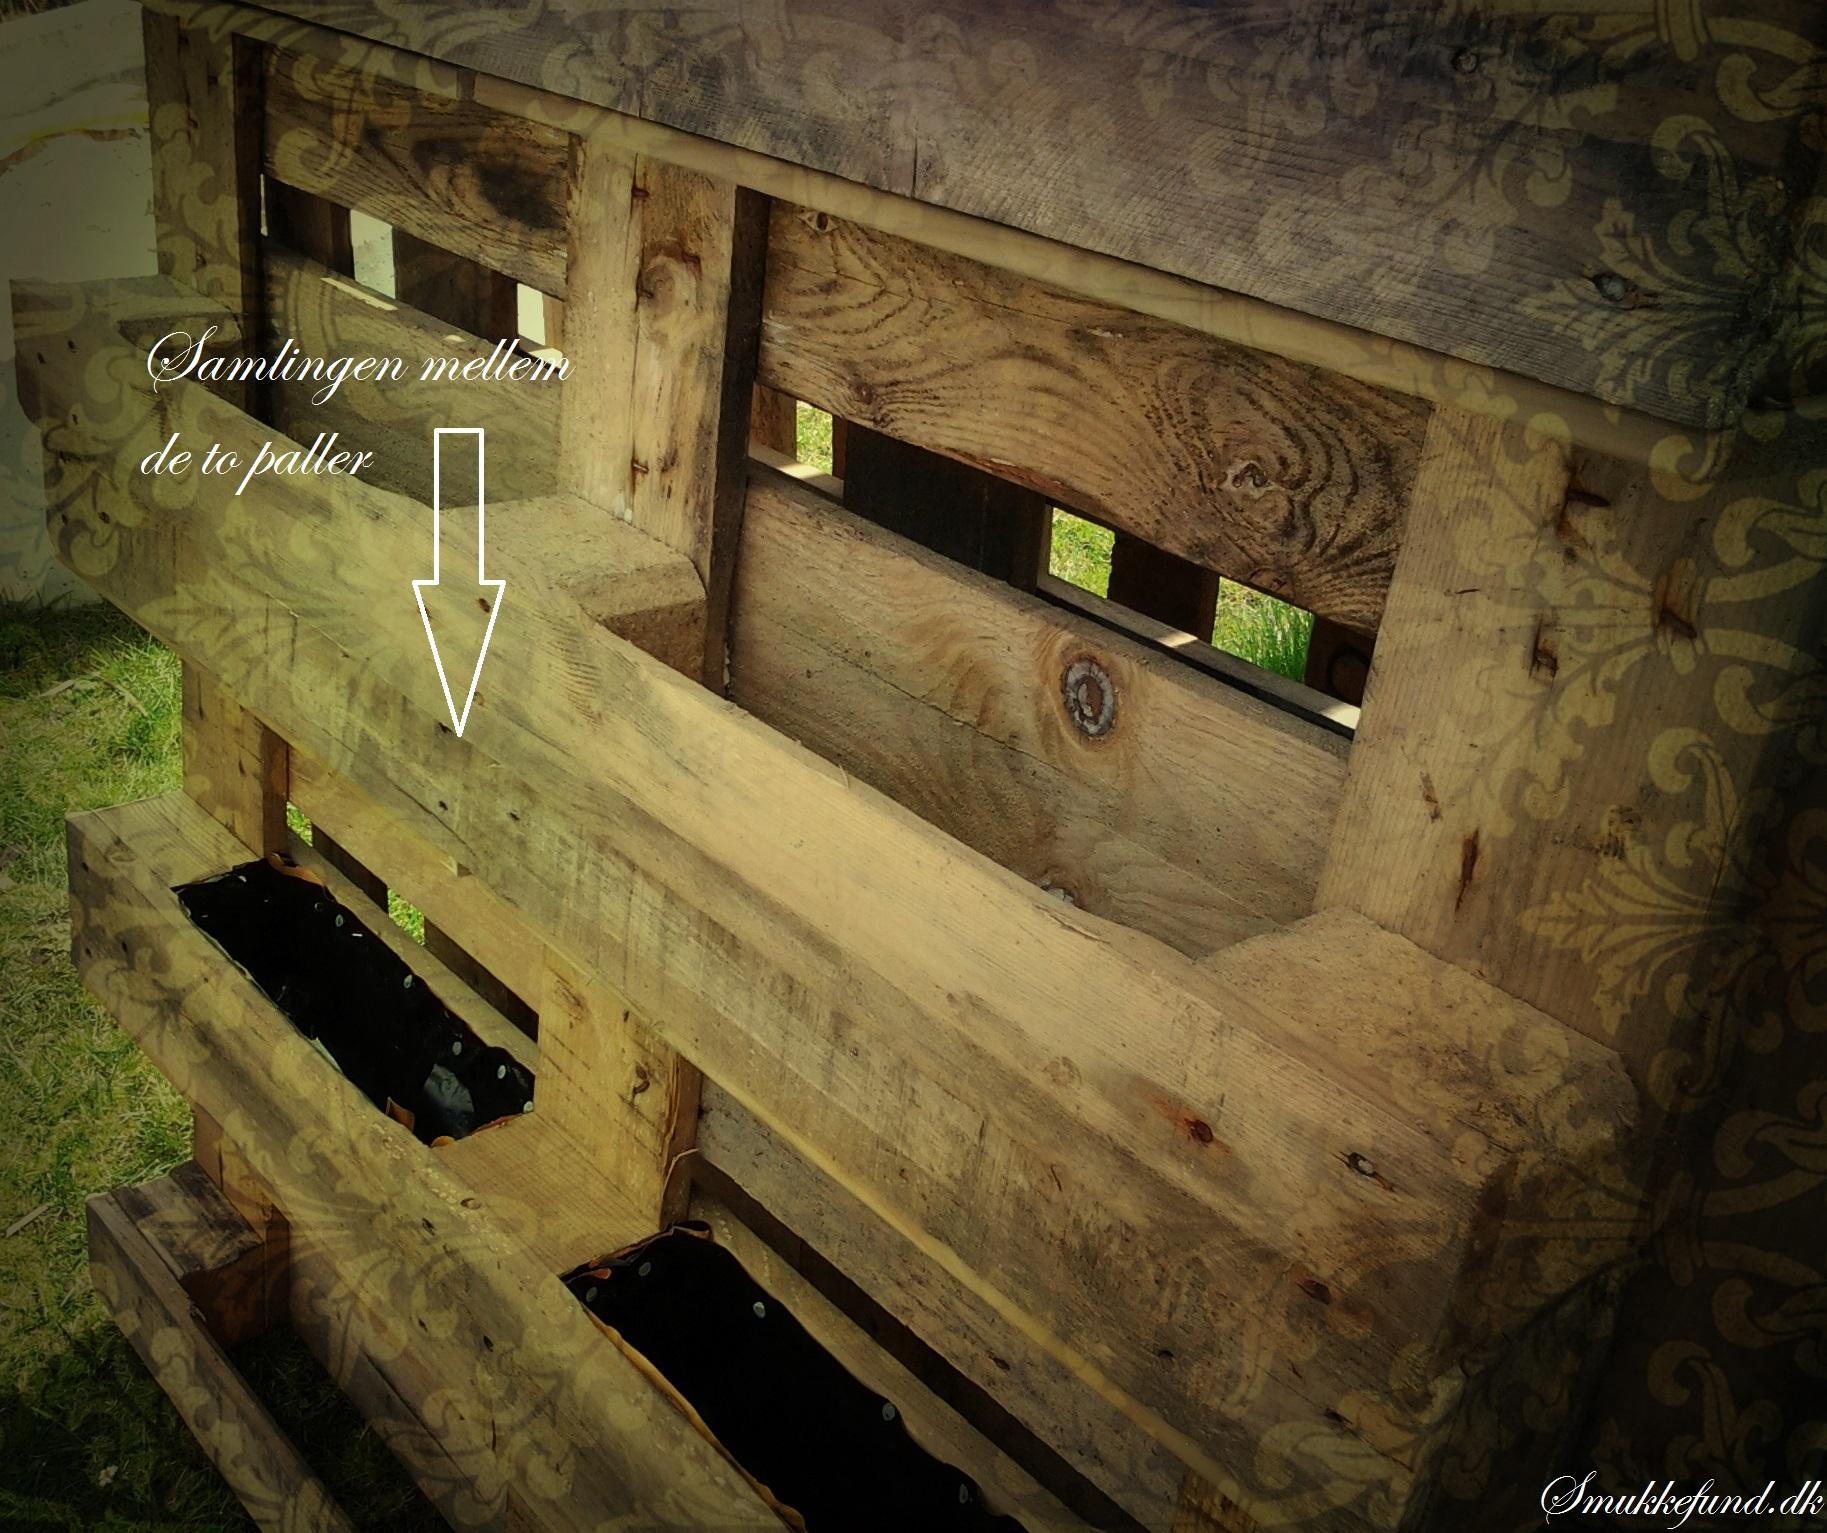 #4E5D1D Meget bedømt Urtehave Lavet Af Brugte Paller Smukke Gør Det Selv Urtehaver Gør Det Selv Havemøbler Af Paller 5339 182715335339